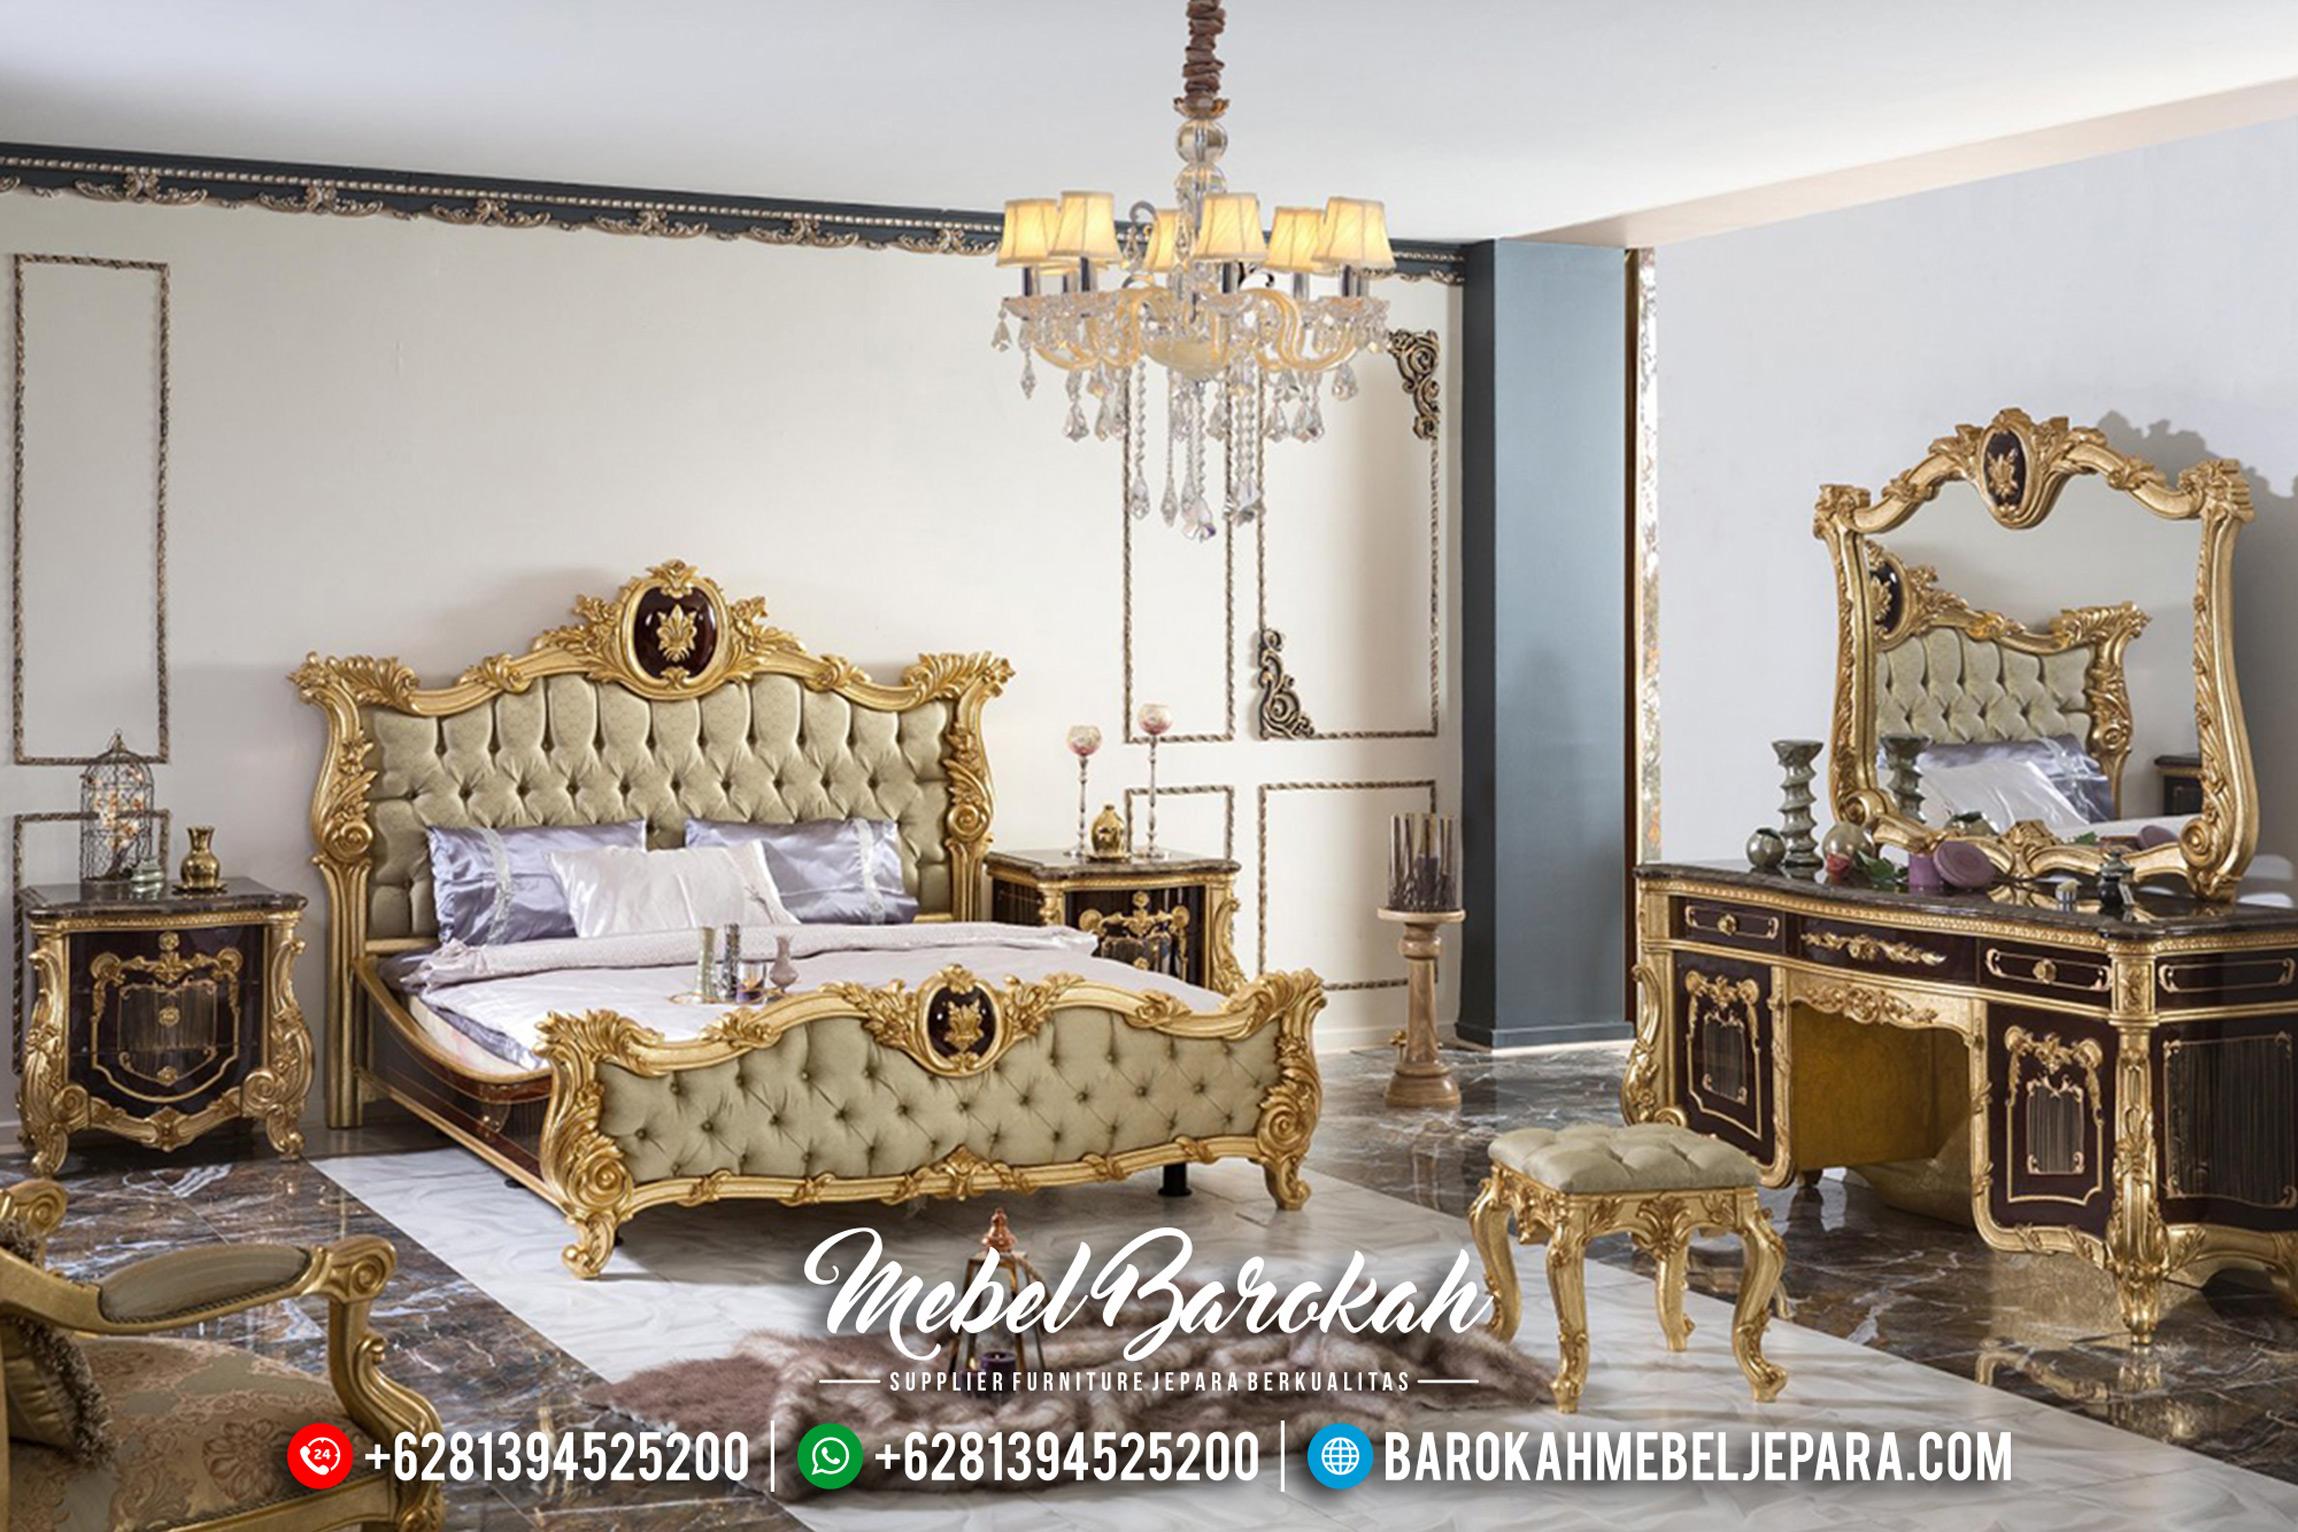 Kamar Set Mewah Tempat Tidur Jepara Klasik Duco Emas Erciyes Exclusive MB-0177